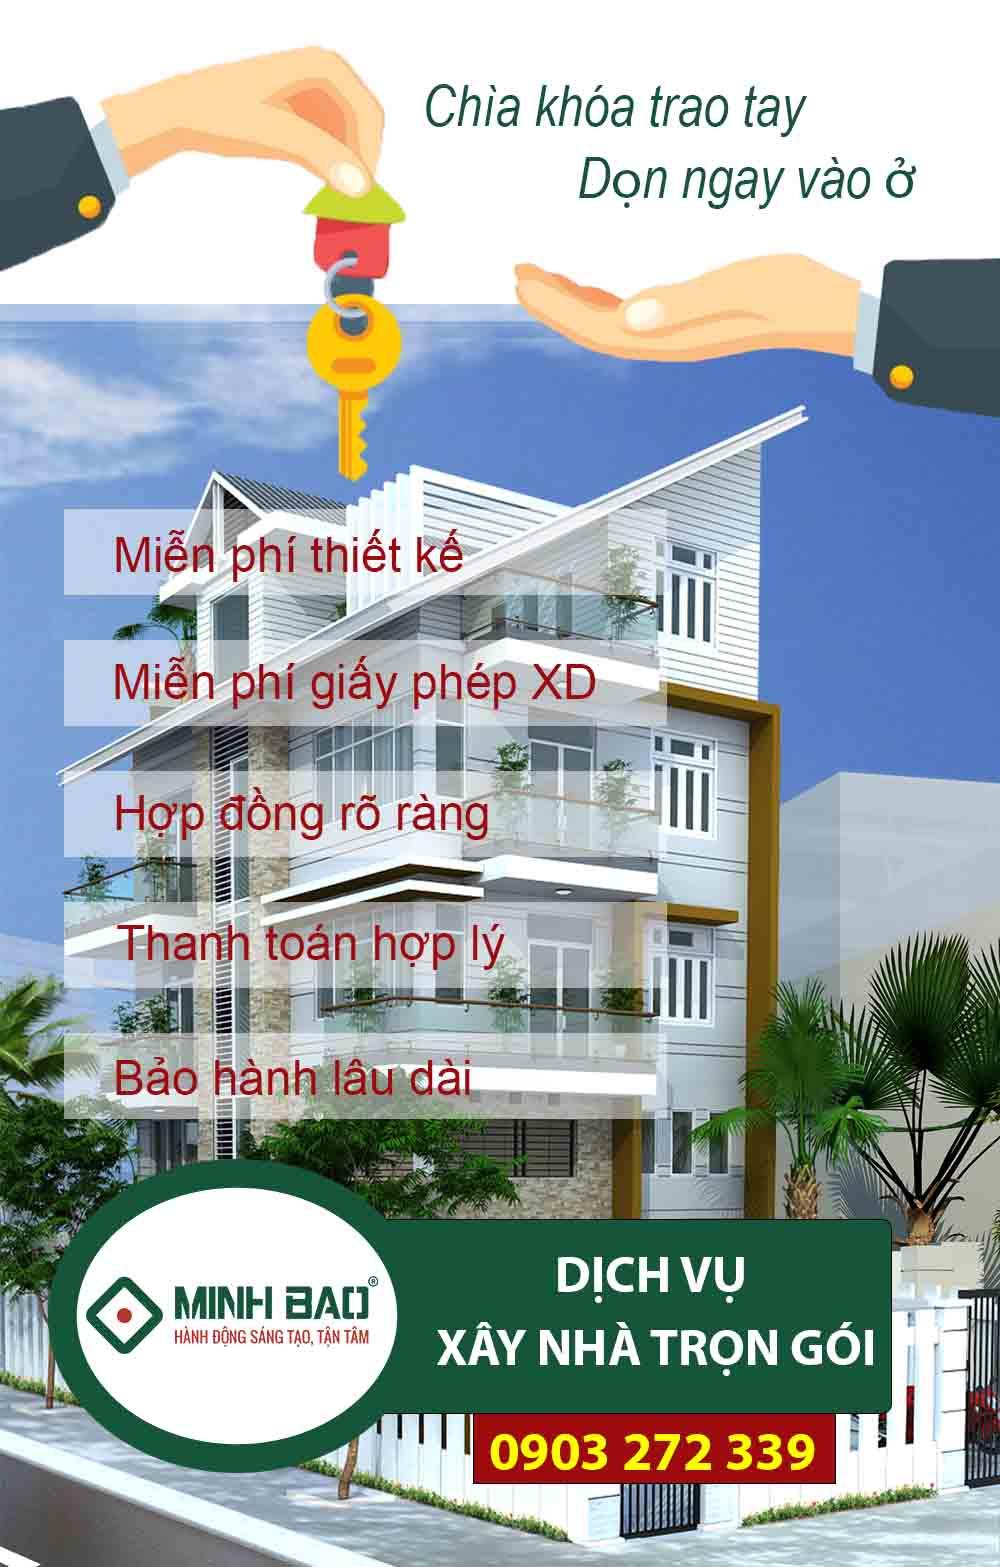 Xây dựng nhà quận 5